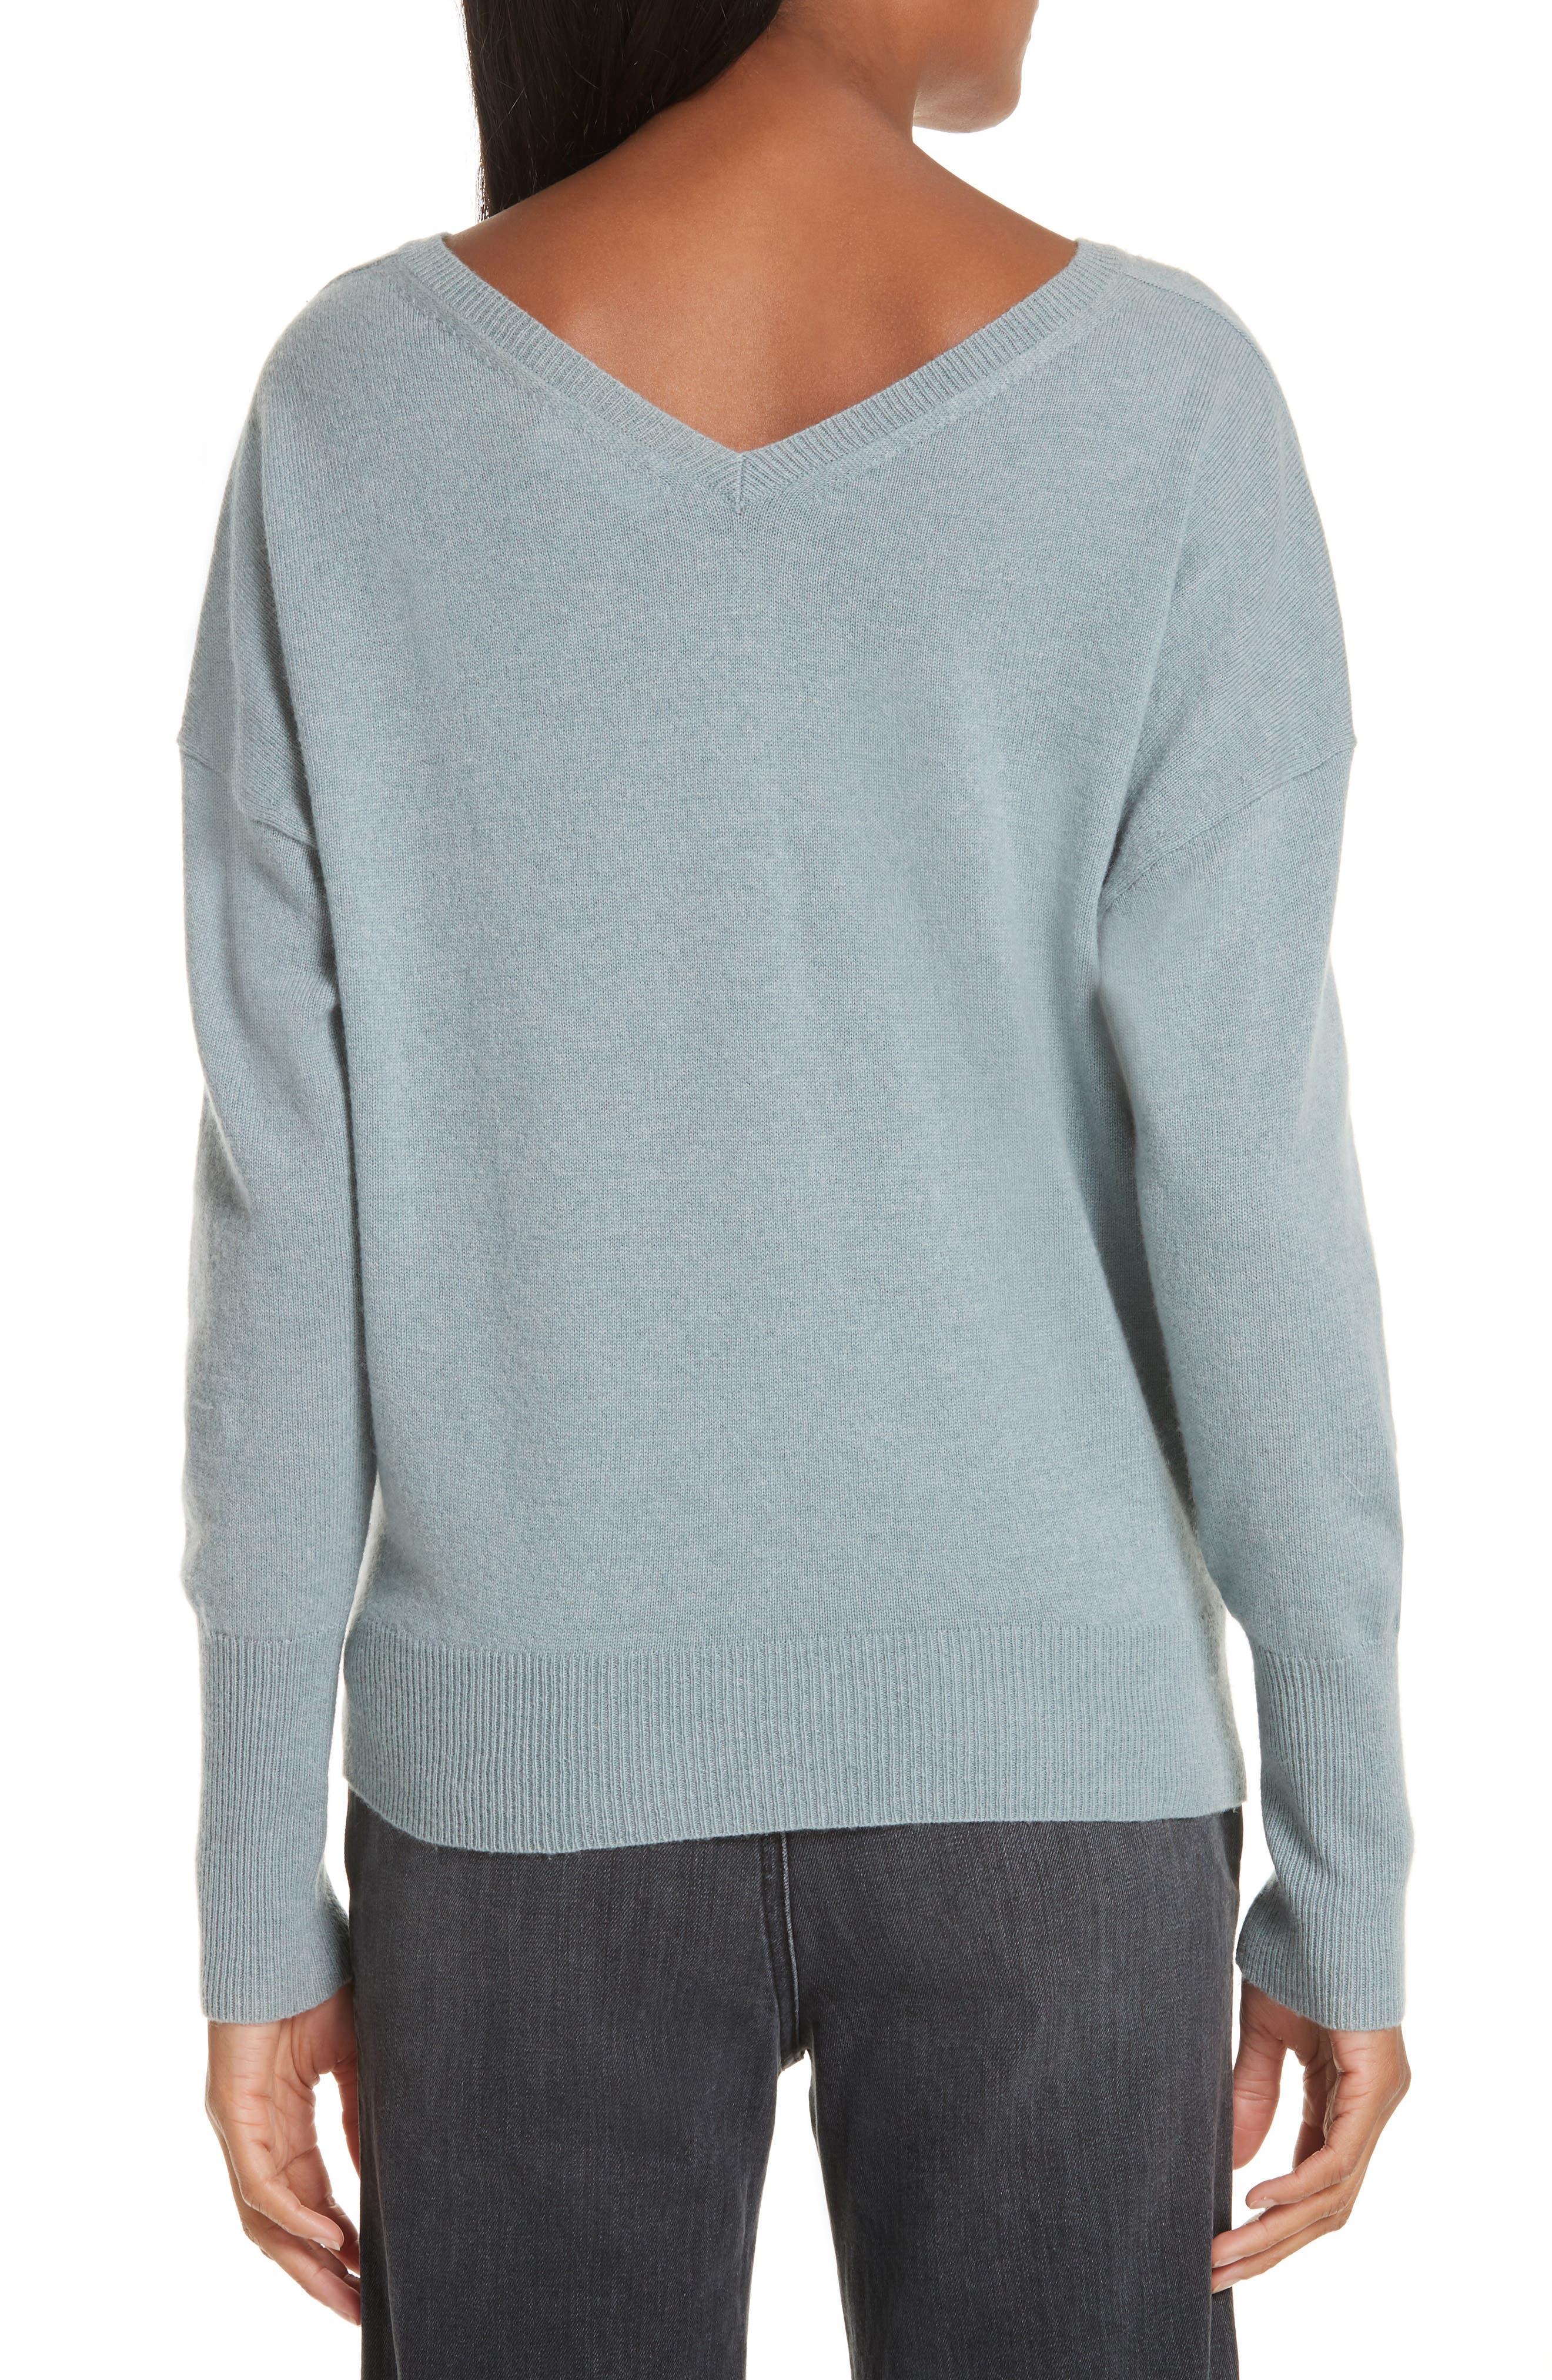 NILI LOTAN, Kylan Cashmere Sweater, Alternate thumbnail 2, color, SKY BLUE